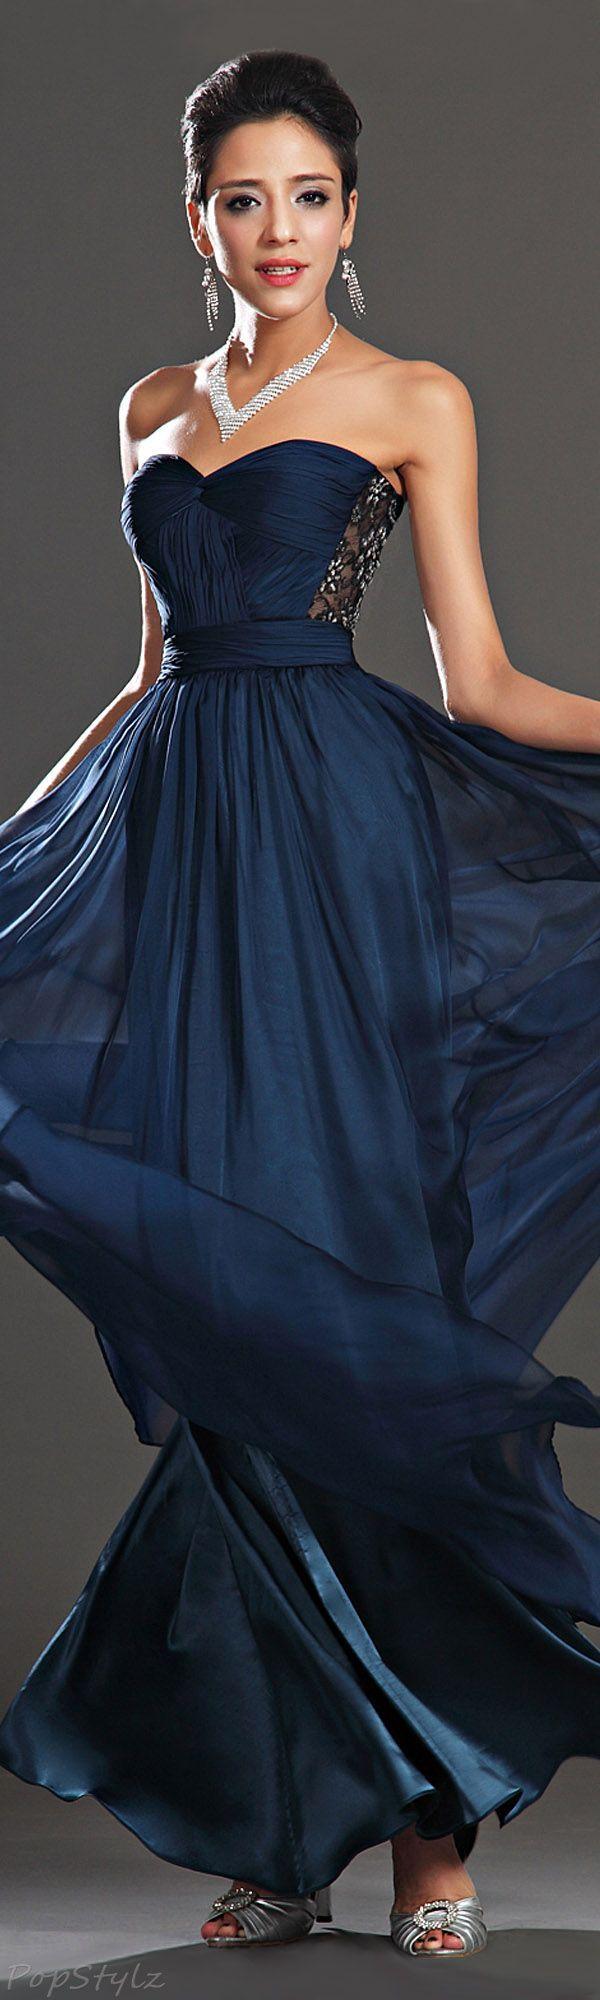 Ungewöhnlich Verkaufen Gebrauchte Prom Kleider Für Bargeld Bilder ...